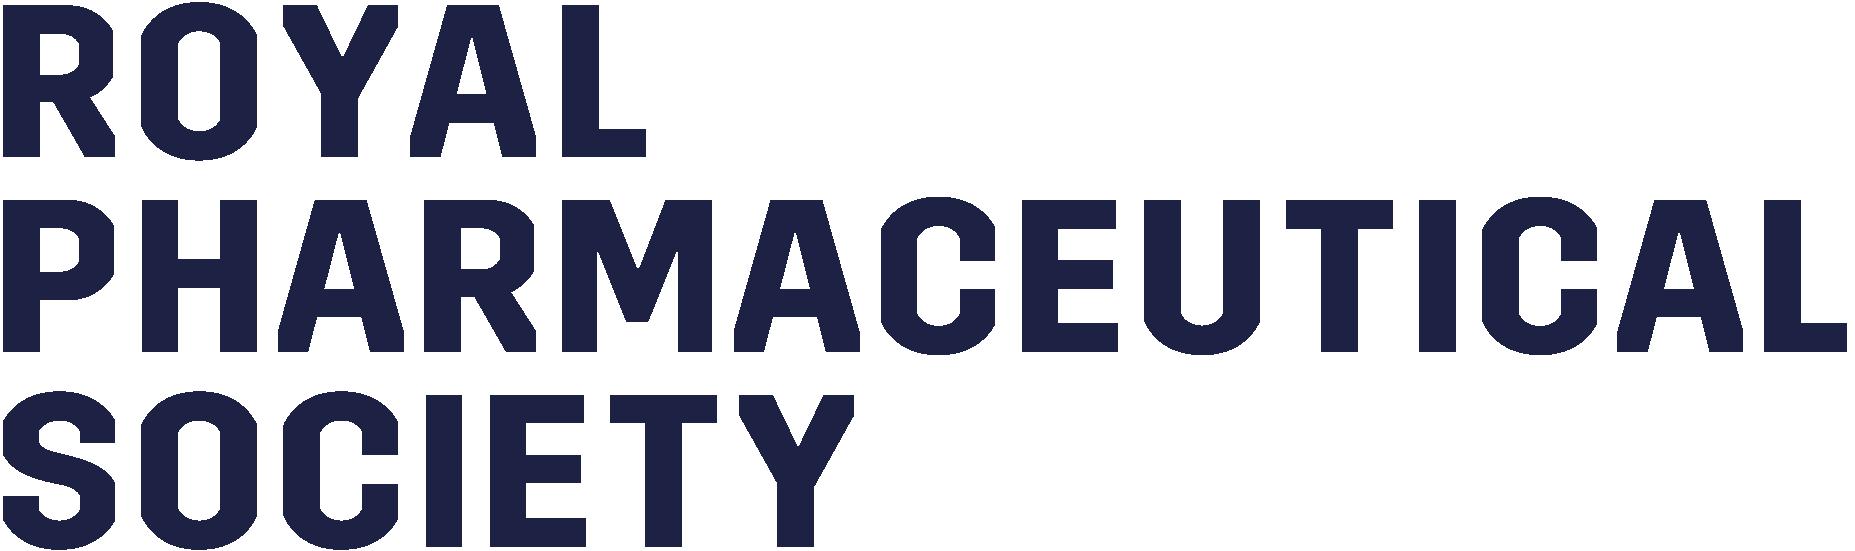 Pharmacy events